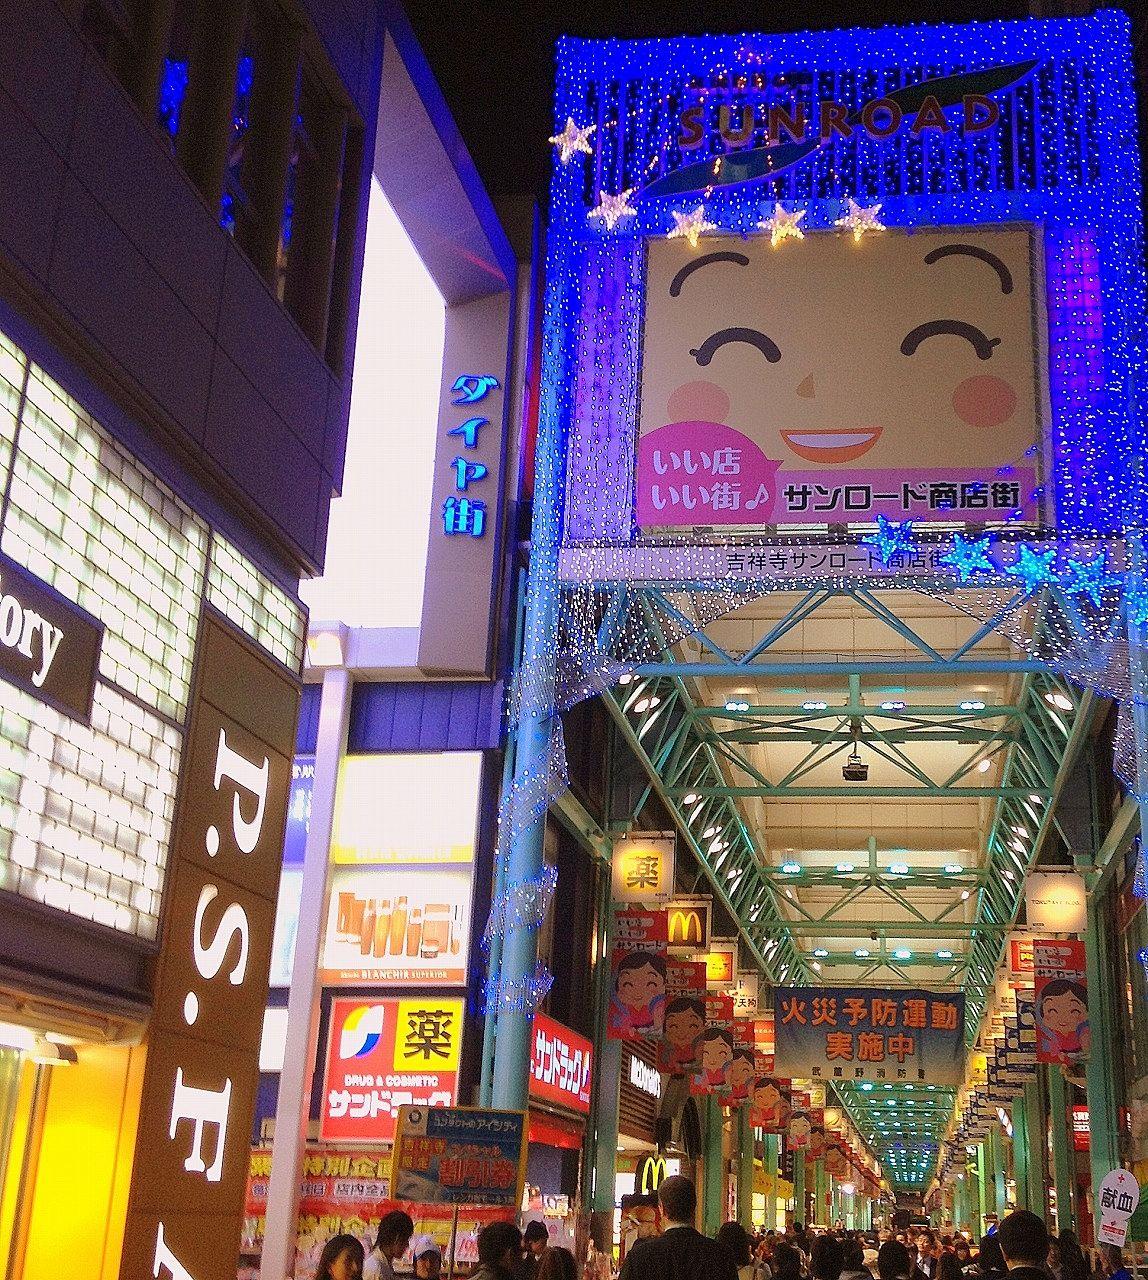 サンロード、ダイヤ街など吉祥寺の商店街